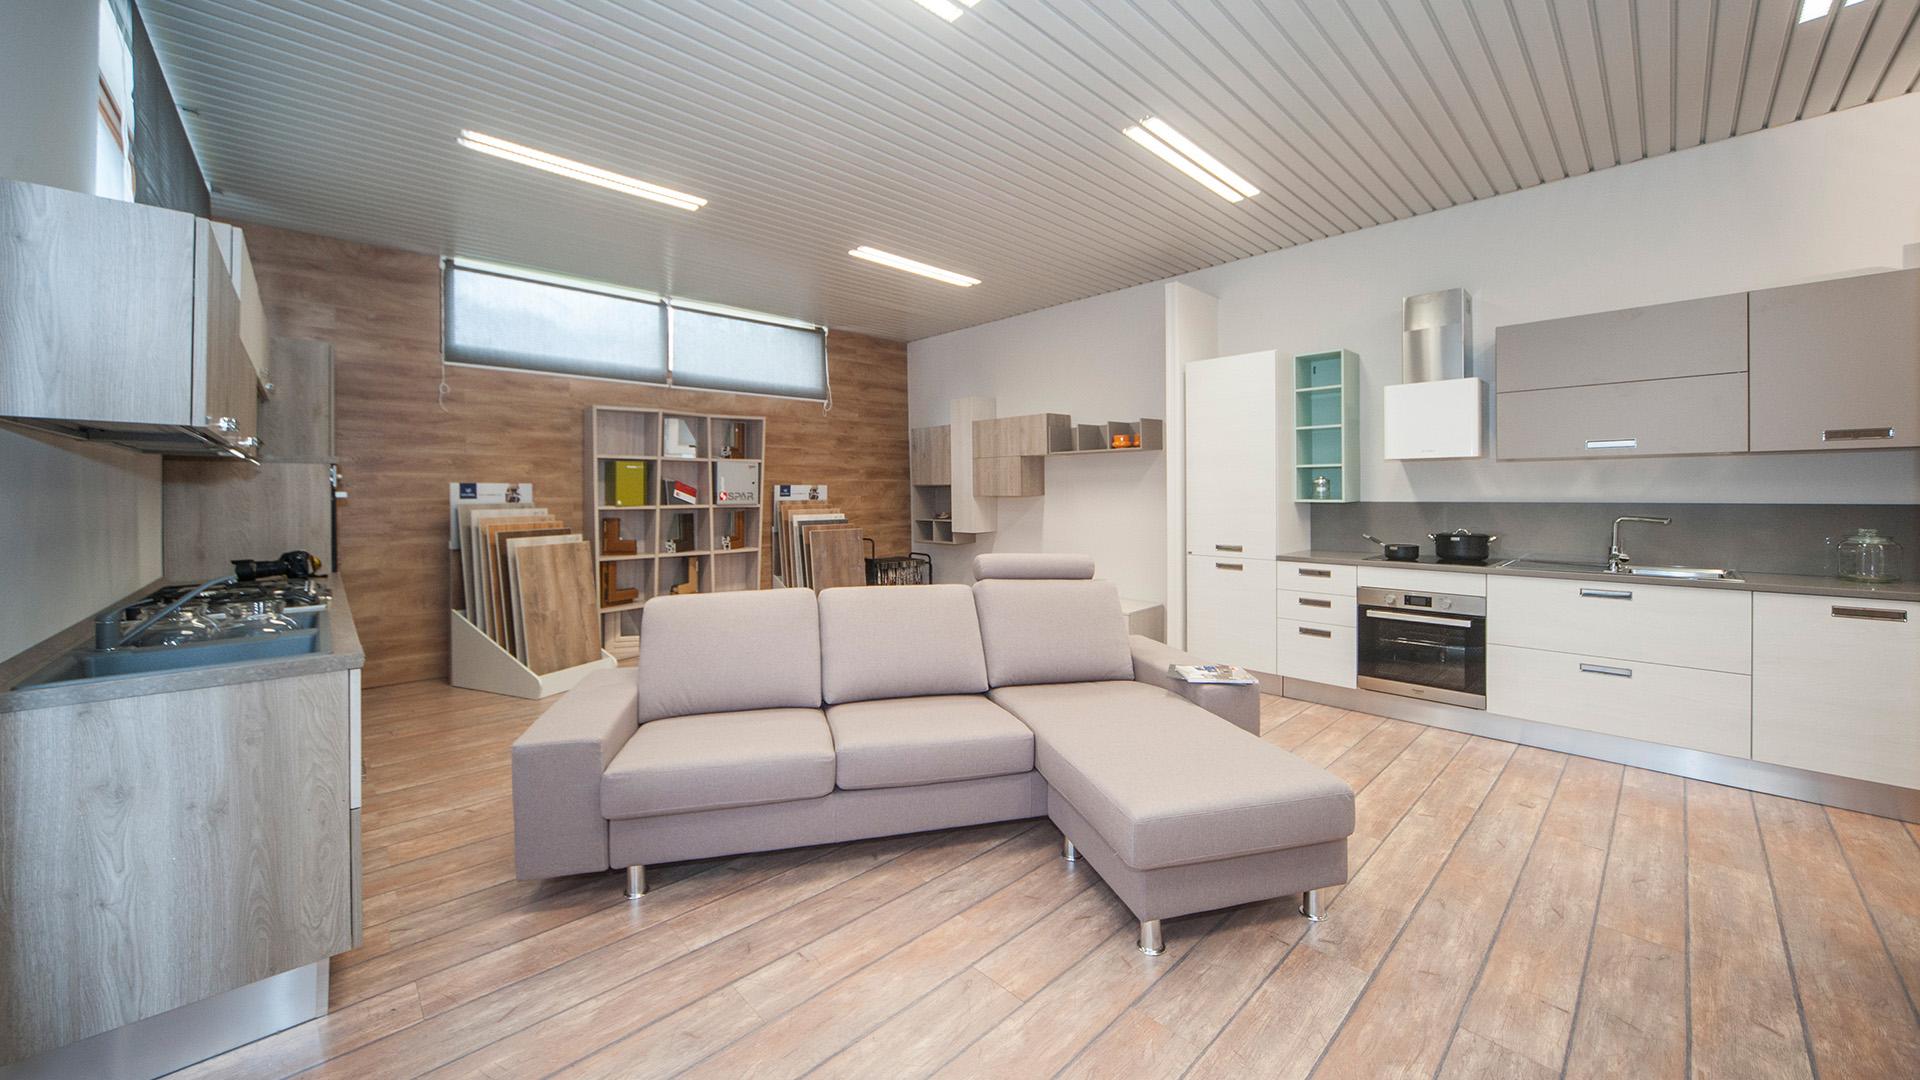 Piantoni-Arredamenti-Bienno-cucina-slide-altri ambienti